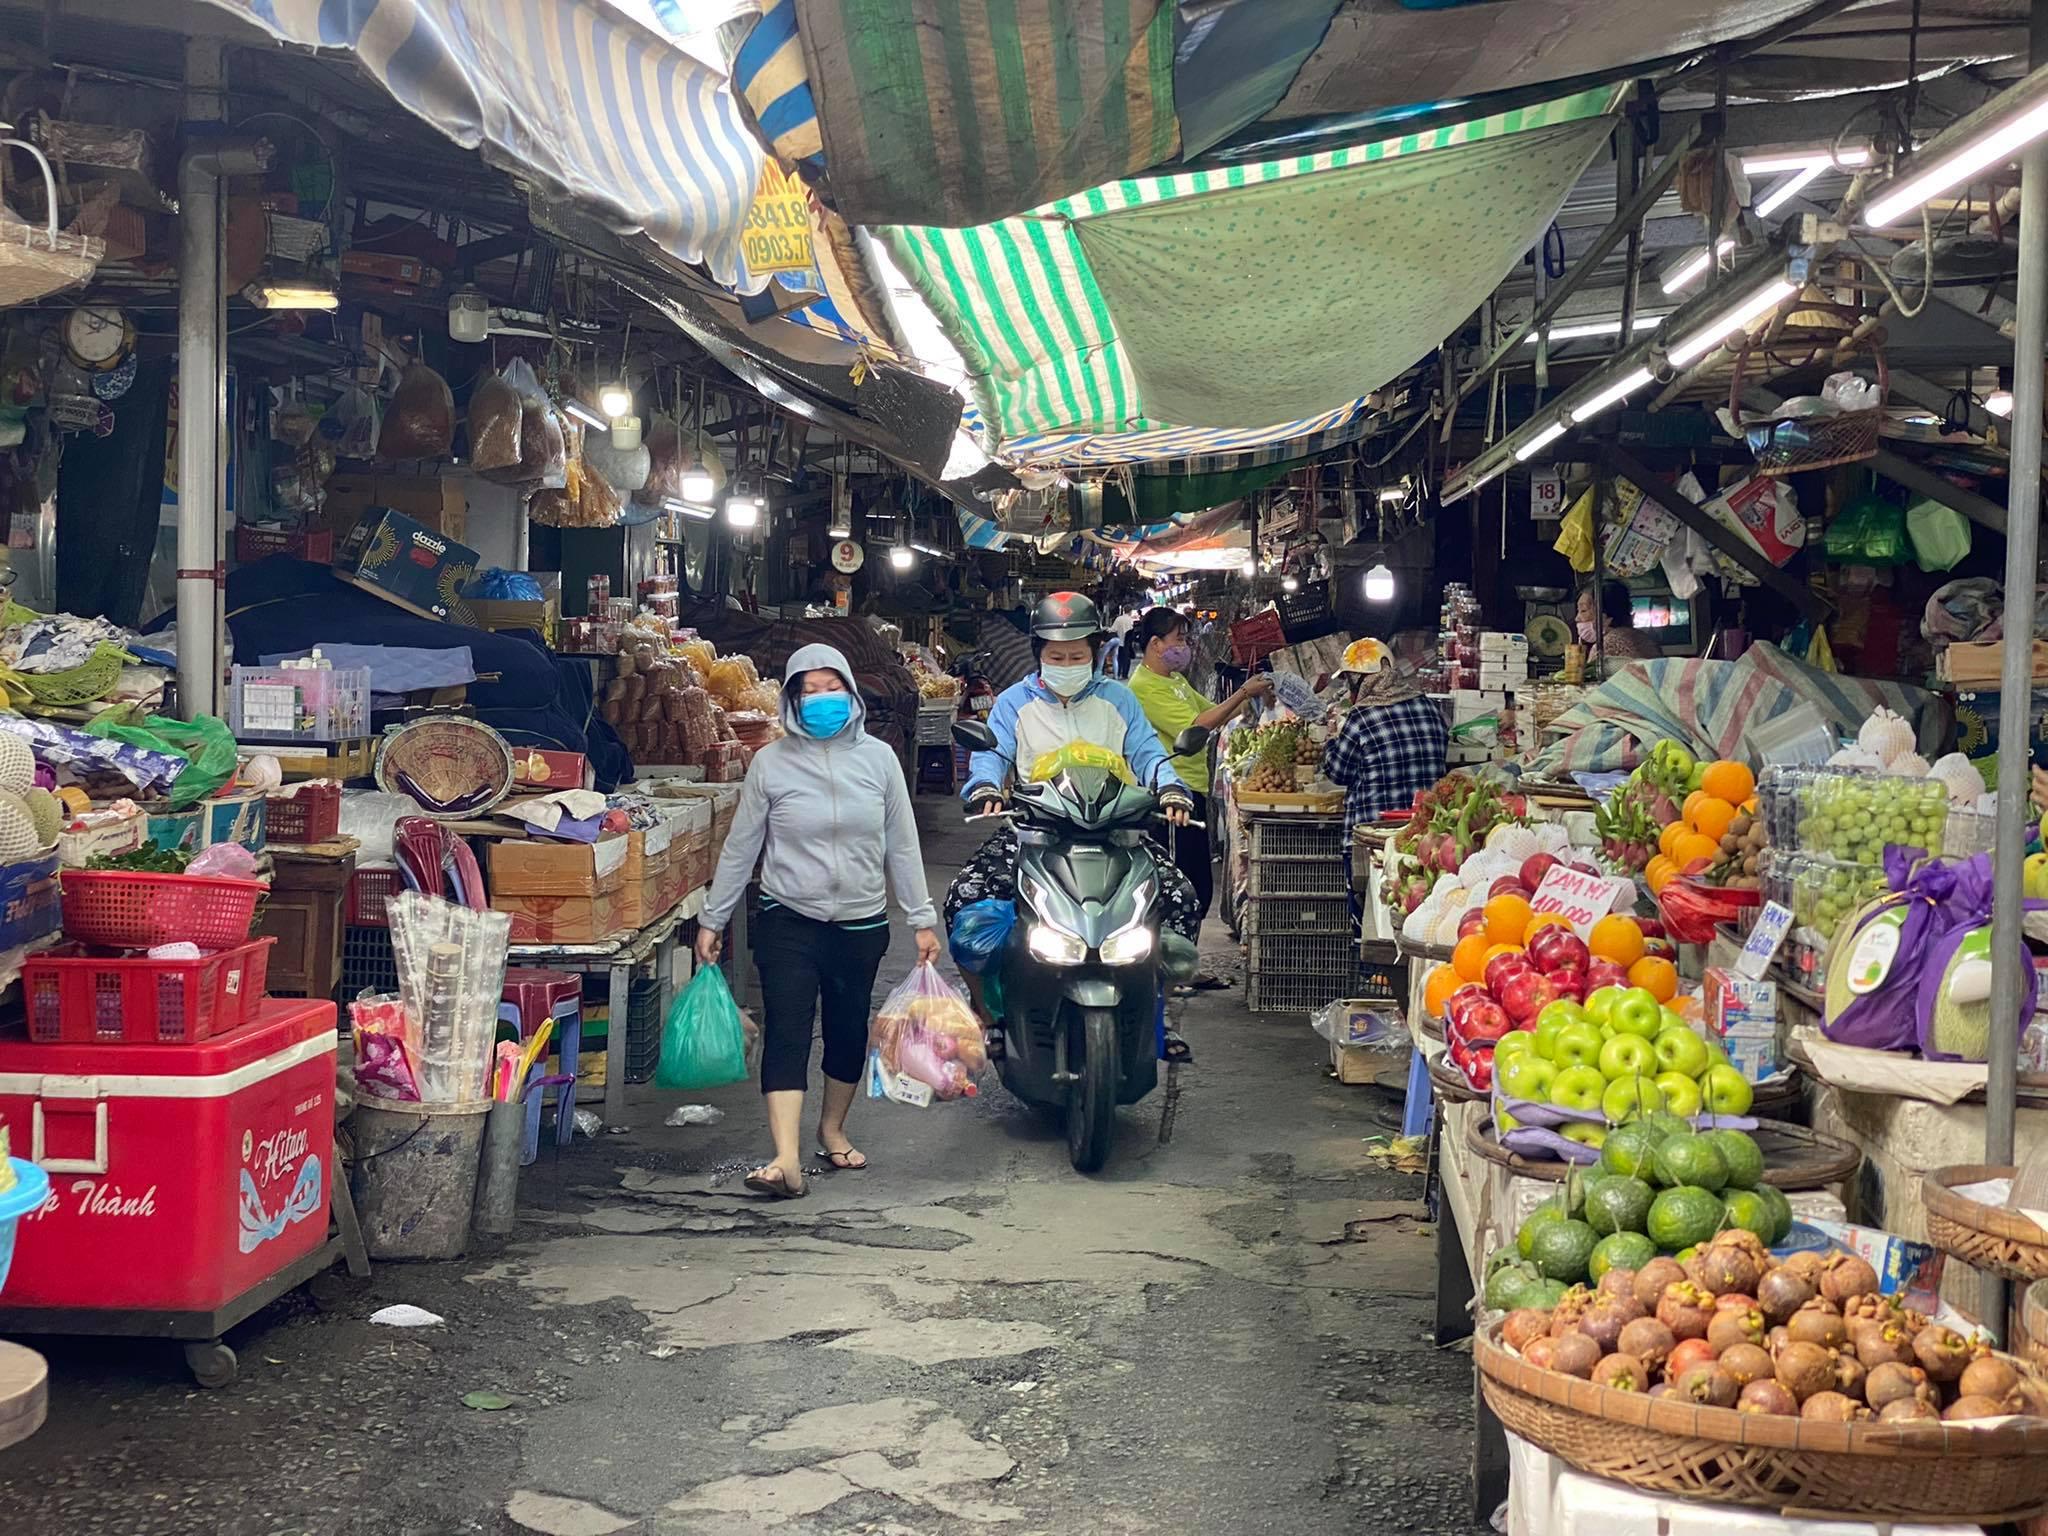 Người ra vào chợ Bà Chiểu (Bình Thạnh) khá vắng vẻ trong sáng 20/7. Ảnh: Tất Đạt.